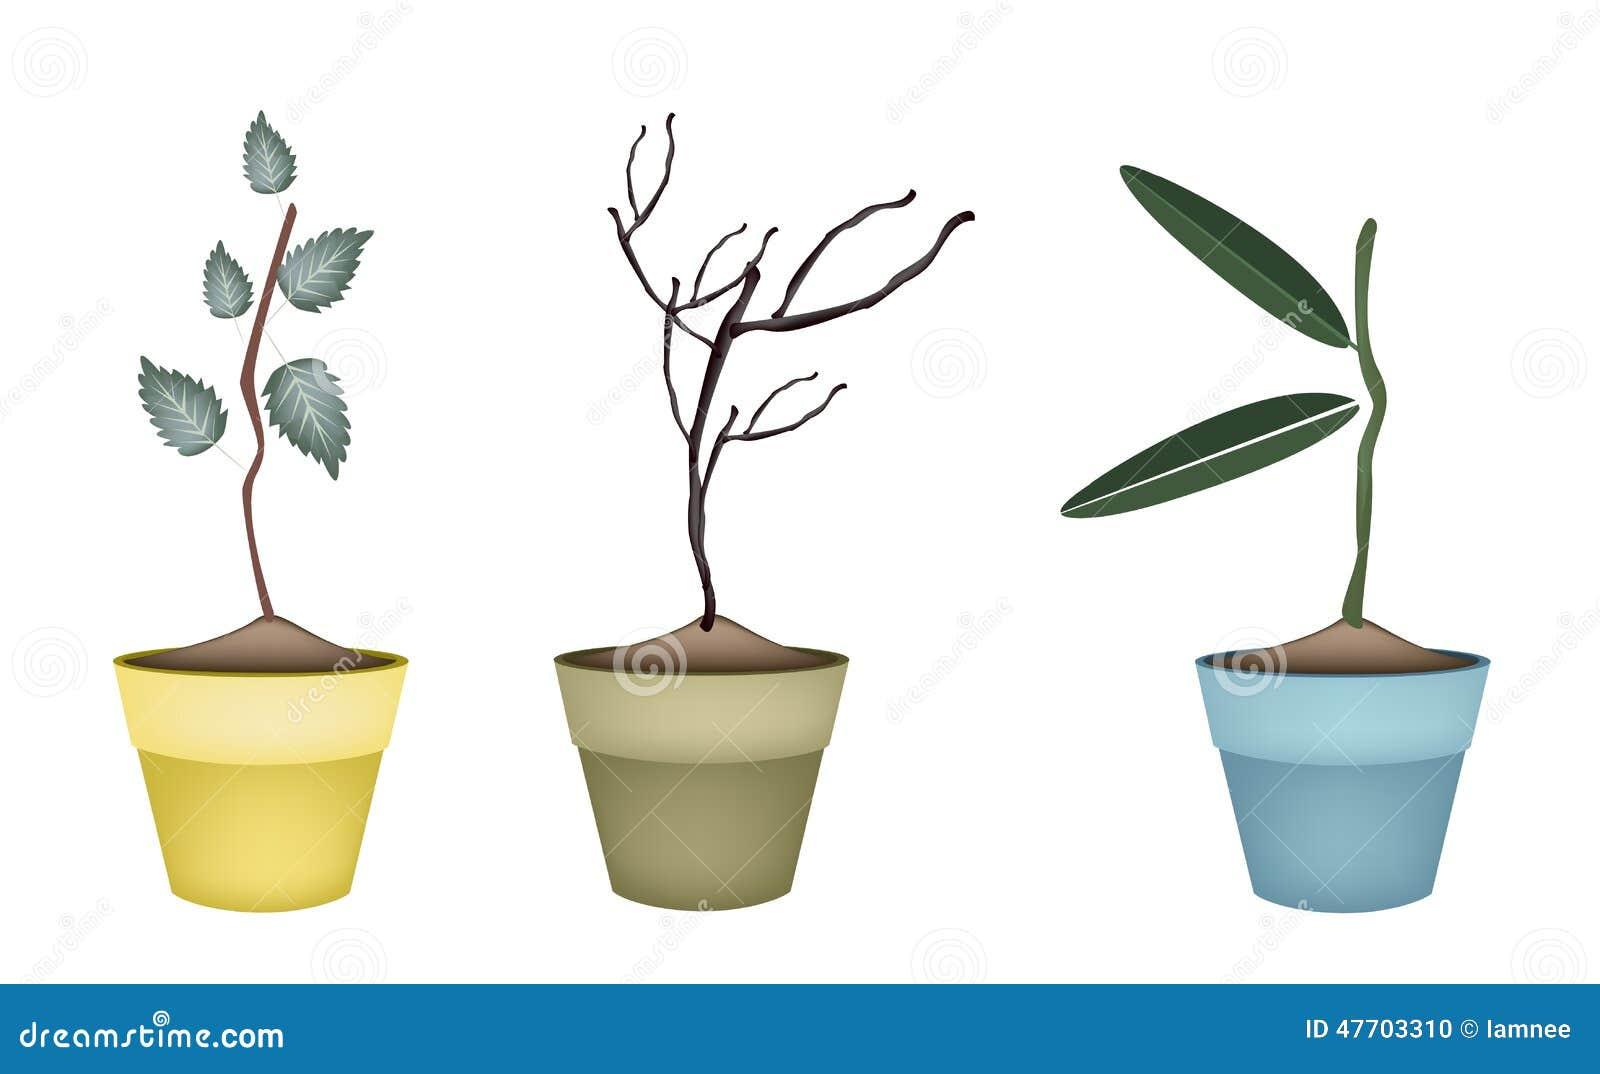 Plantas verdes y secas frescas en macetas ilustraci n del - Plantas secas decoracion ...